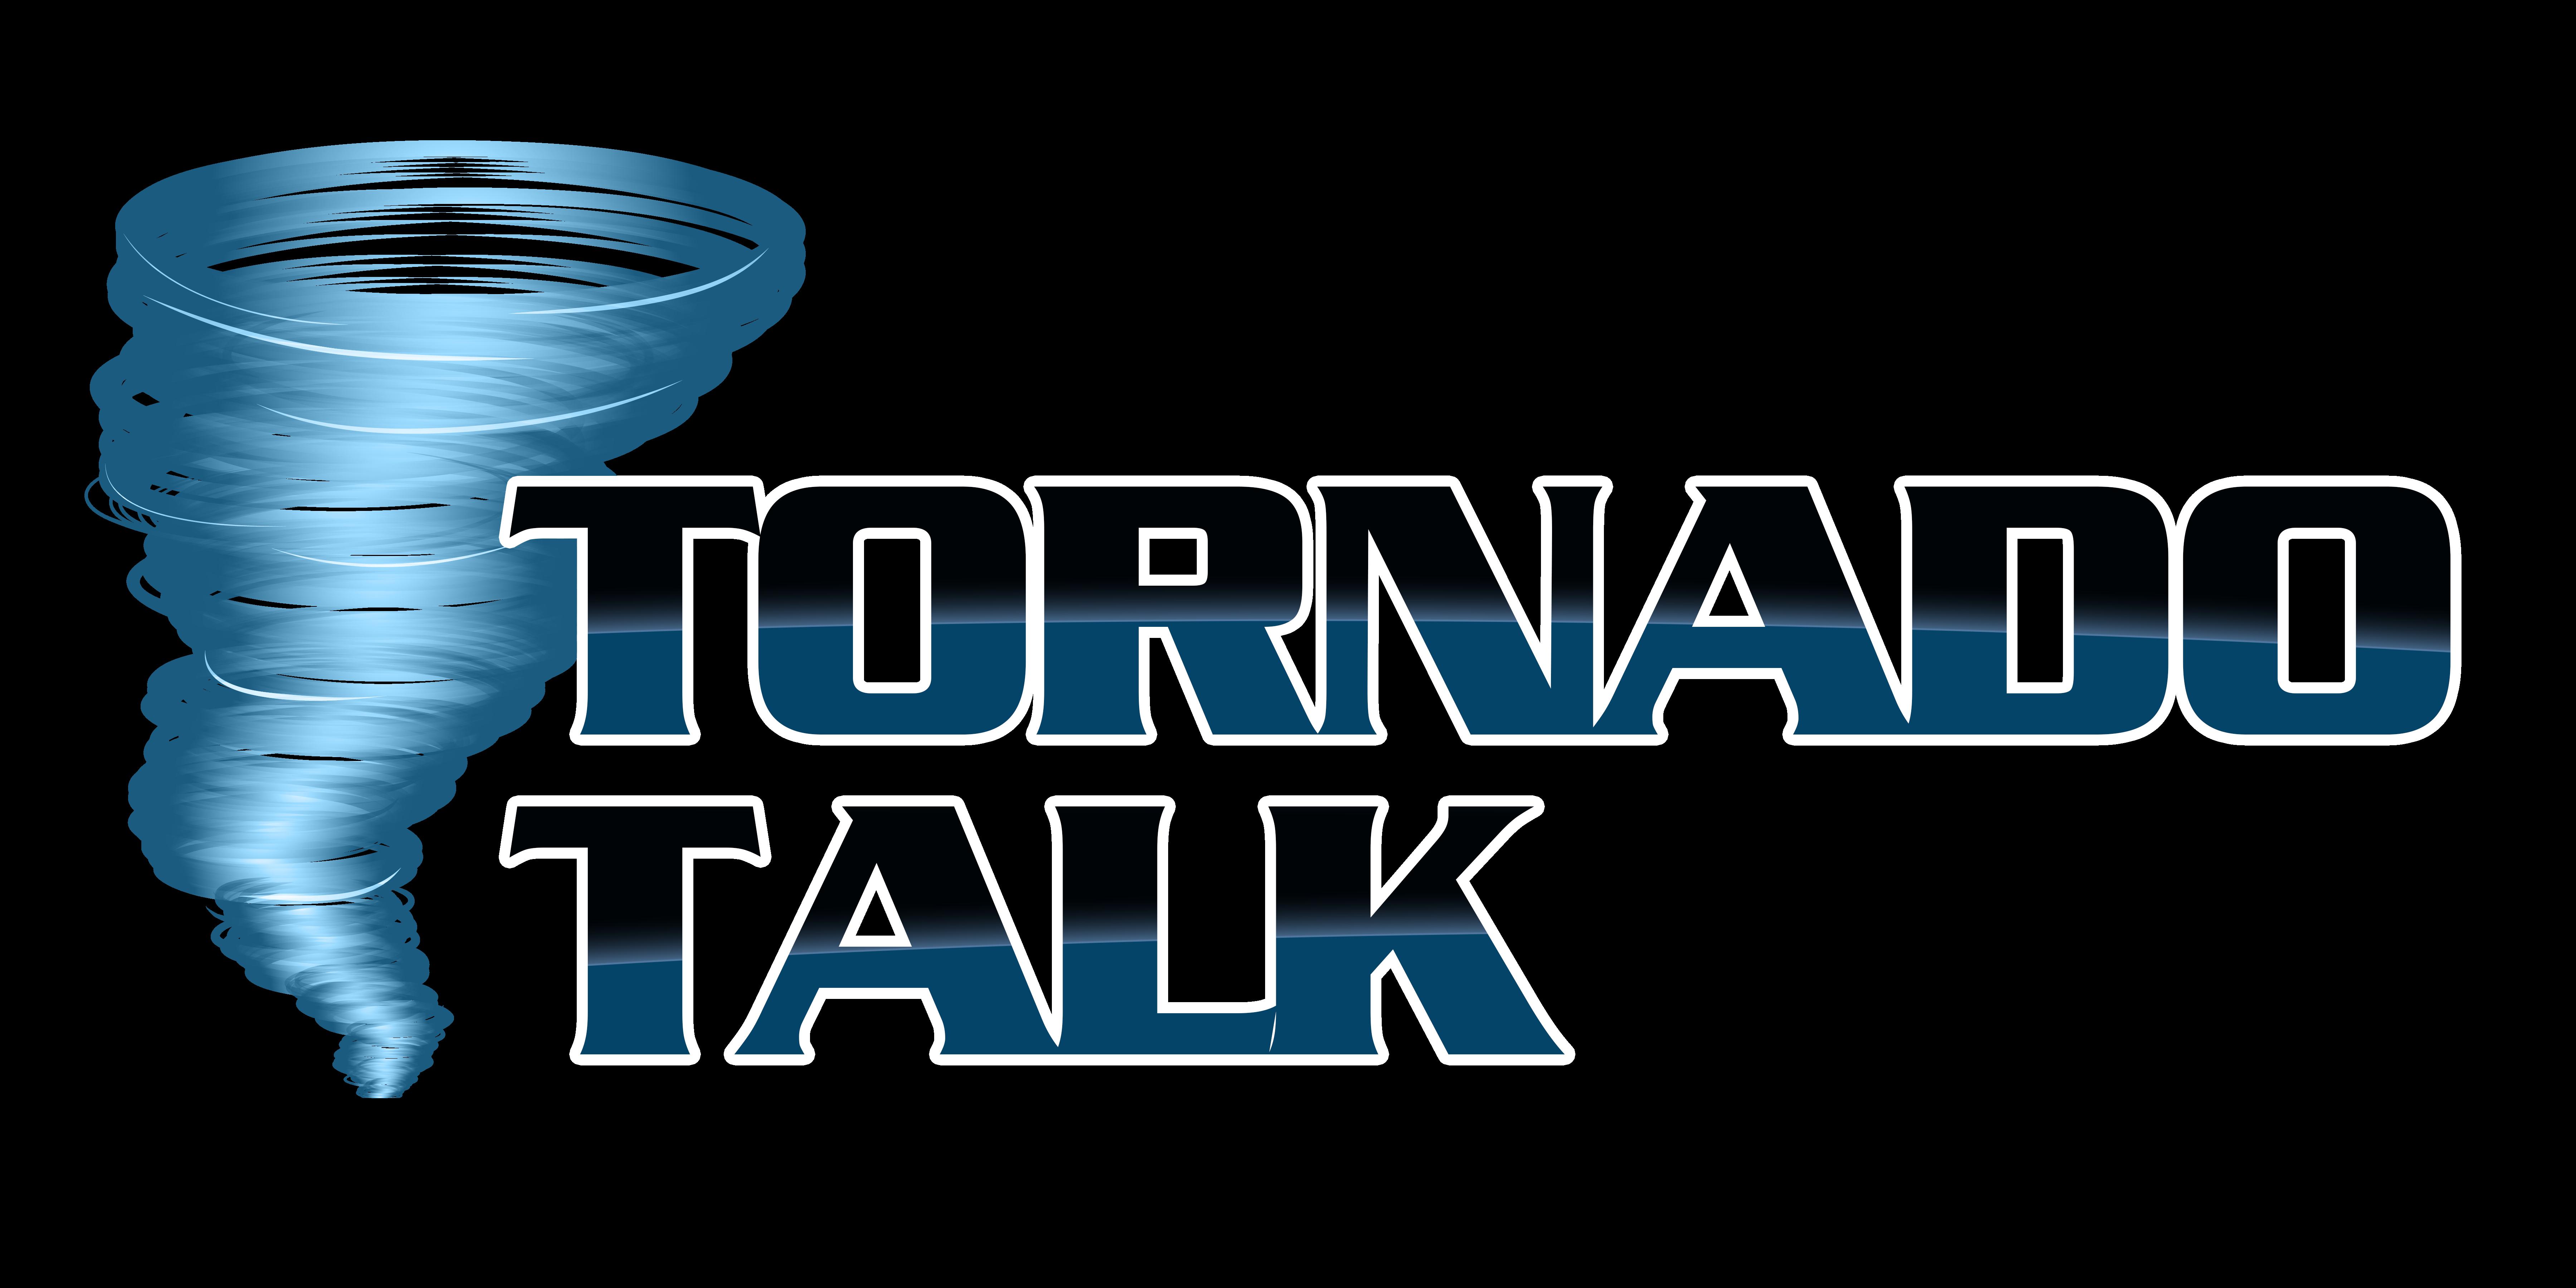 Tornado Talk Store